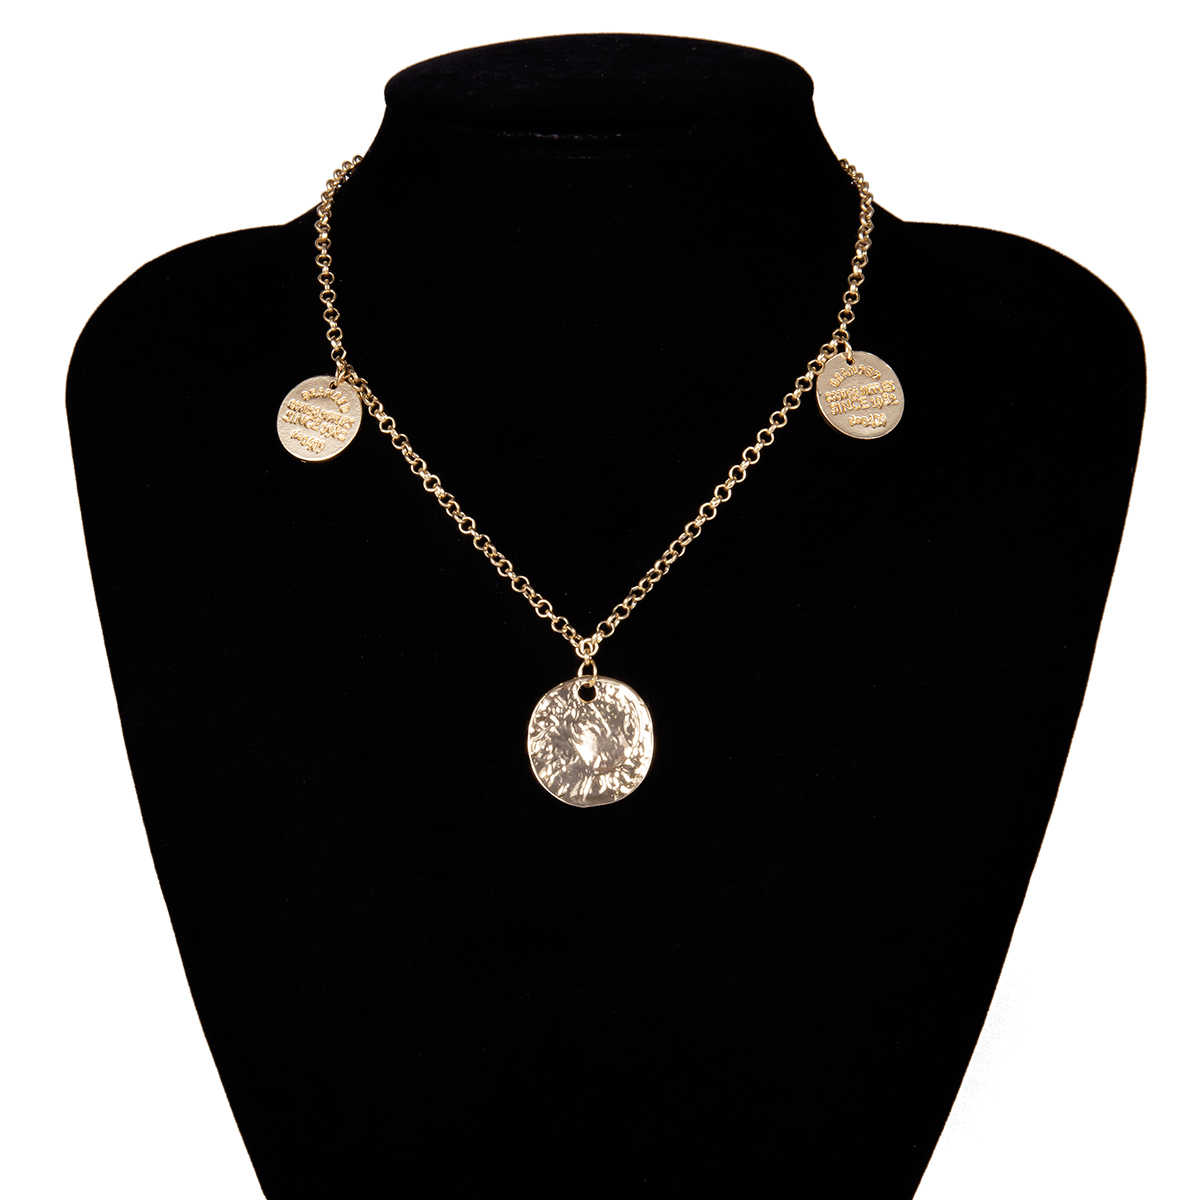 Shixin Đơn Giản Phối Dây Chuyền Nữ Vàng/Bạc Dây Chuyền Vòng Cổ Choker Hợp Thời Trang Cổ Vintage Collier Femme 2019 Quà Tặng